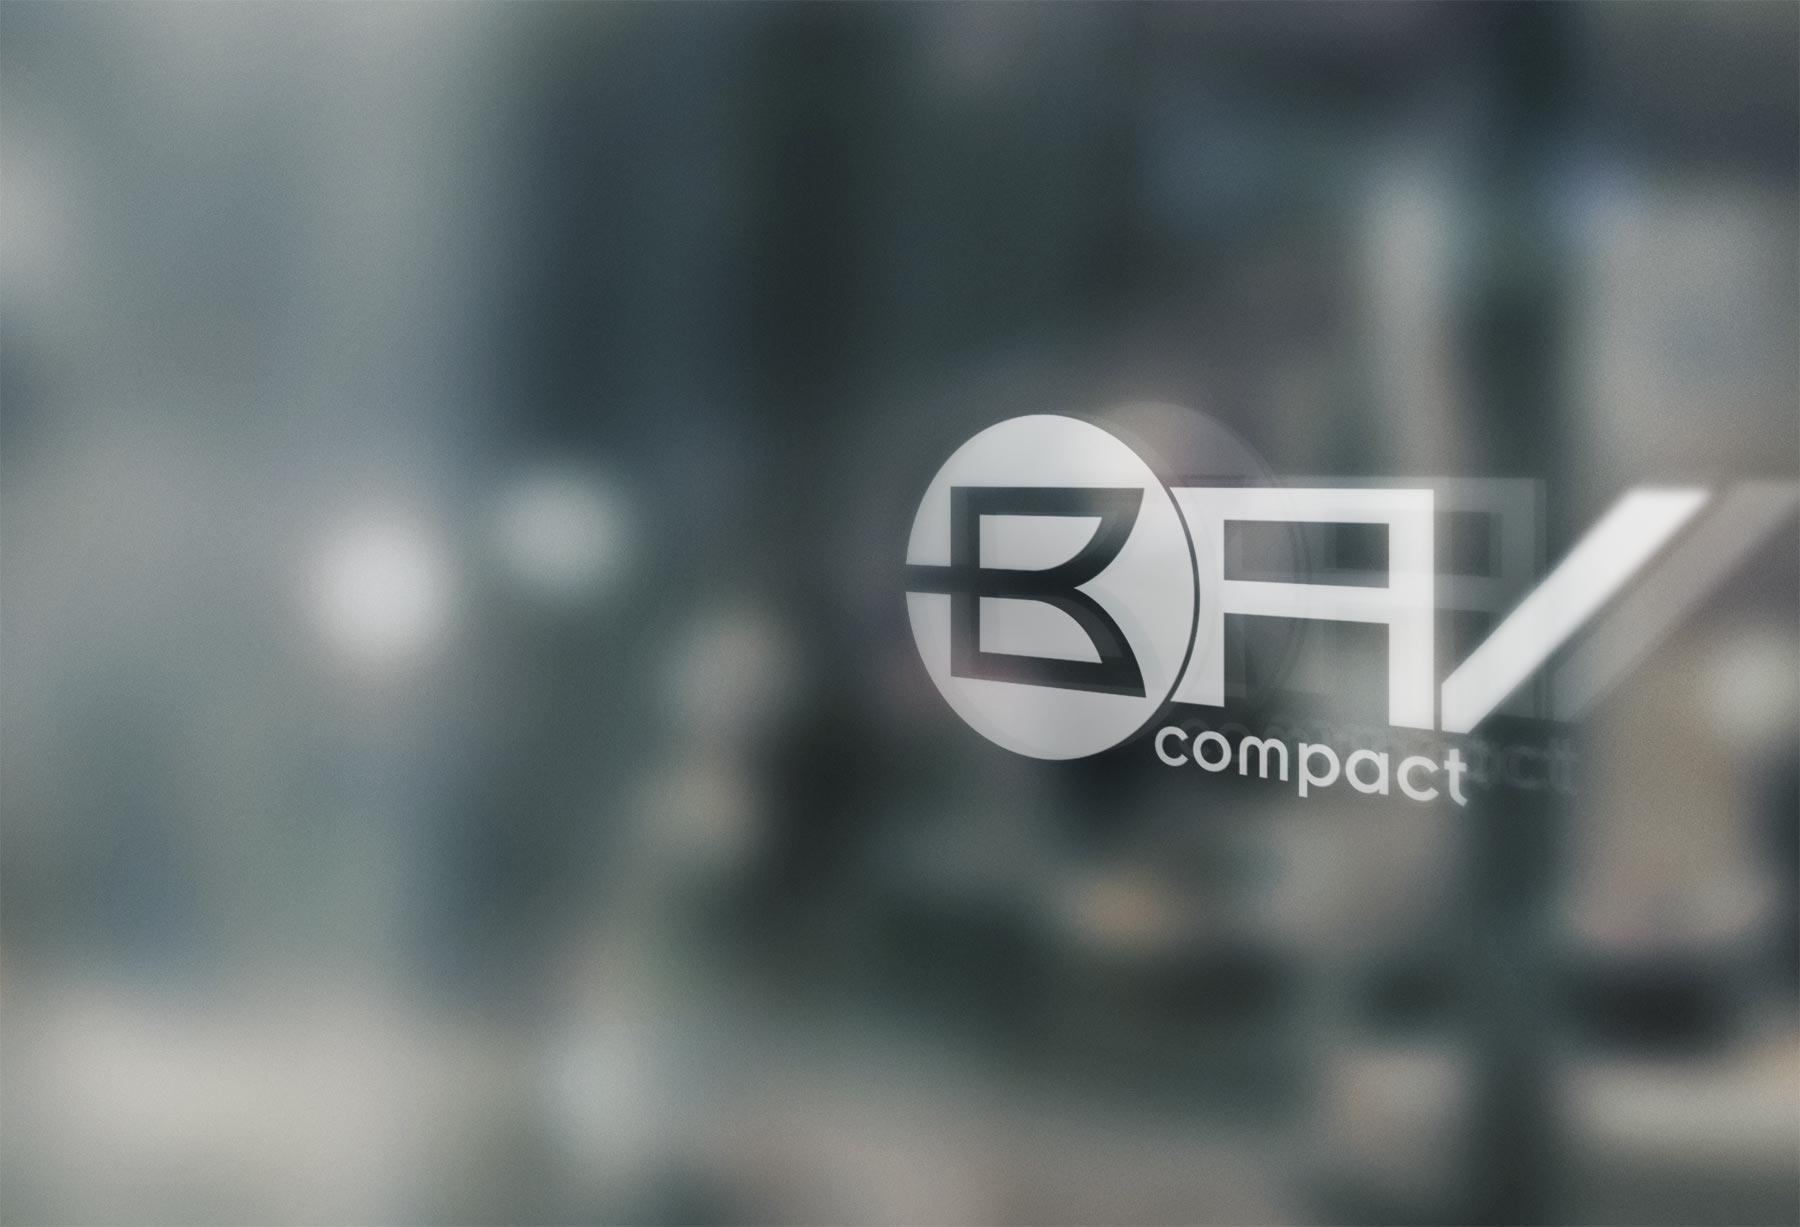 BAVcompact - betriebliche Altersversorgung mit System